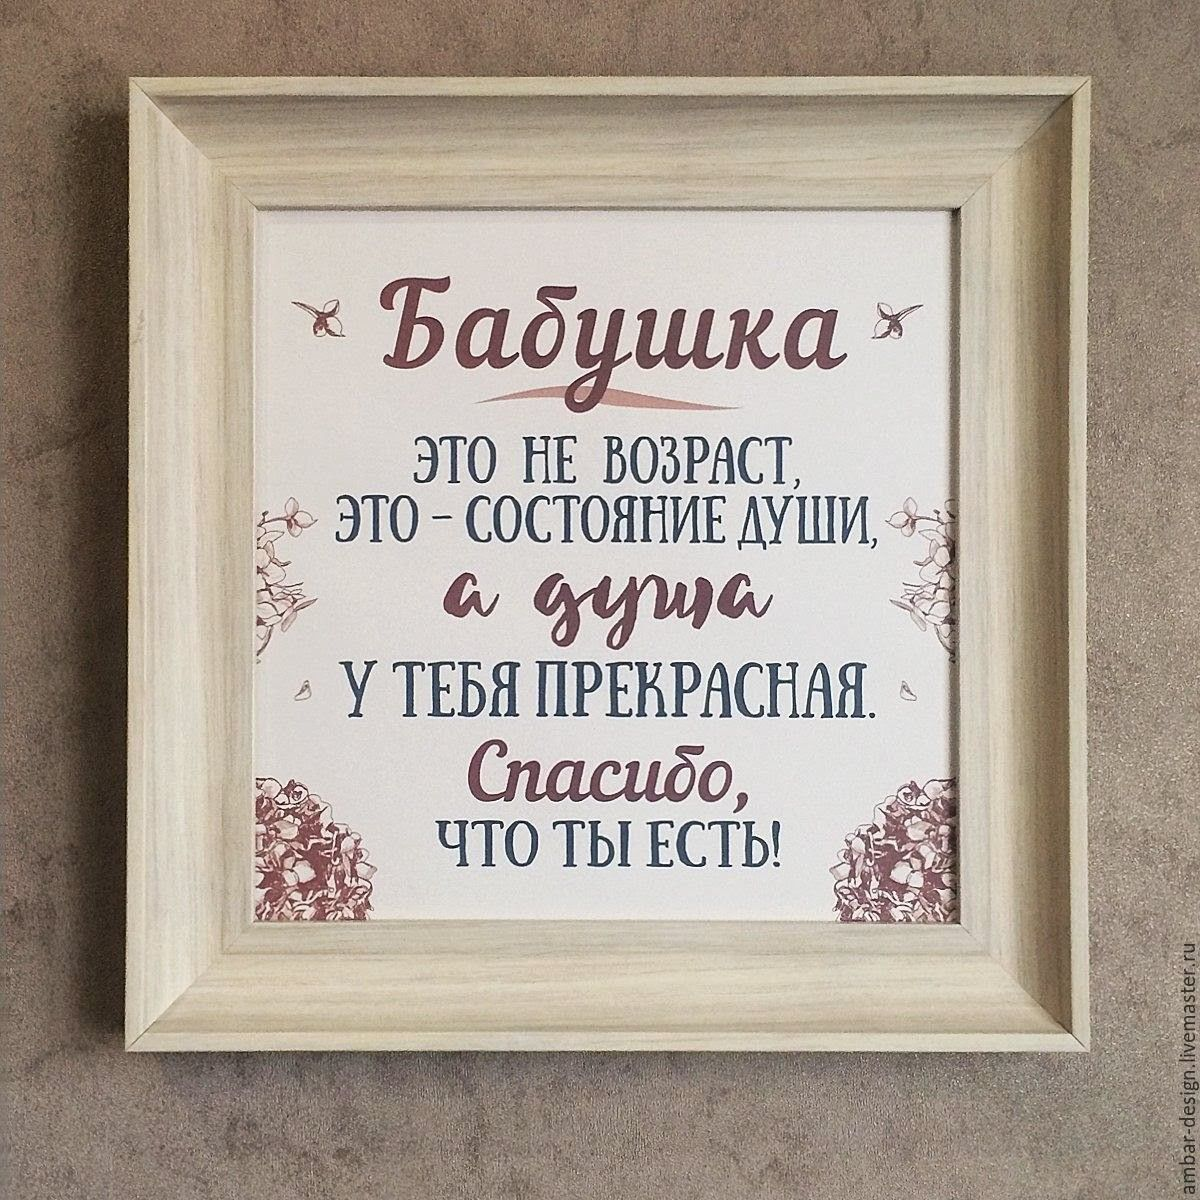 прически фразы о подарках с картинками столице россии